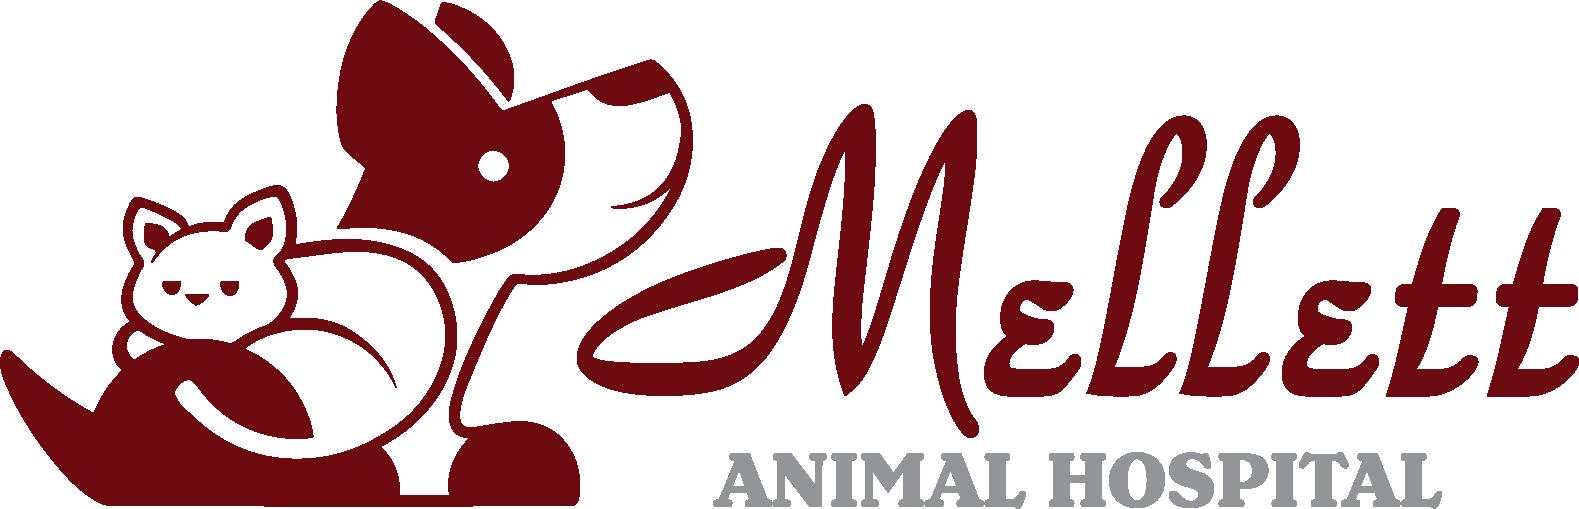 Mellett Animal Hospital